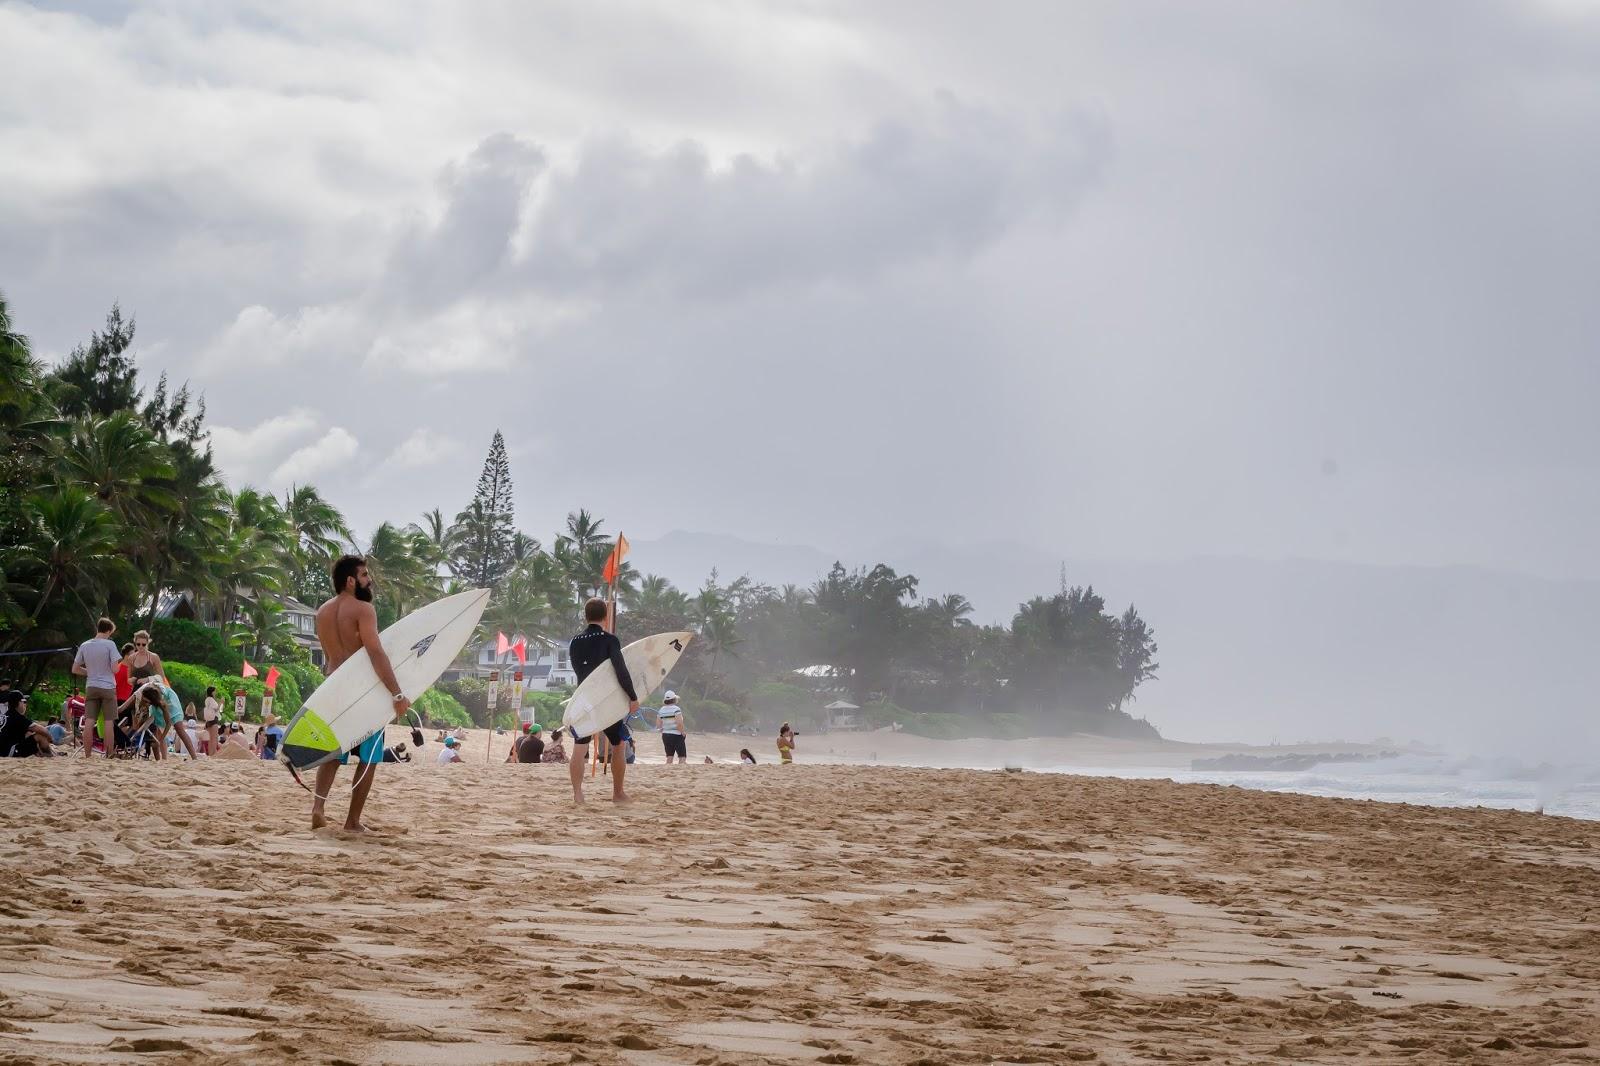 Surfers in Banzai Pipeline